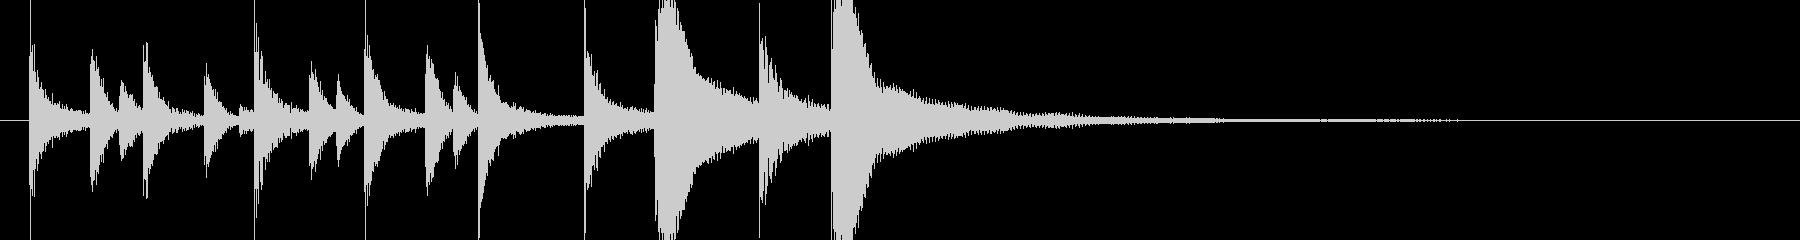 ドラム/ティンバレス フィルイン 3の未再生の波形